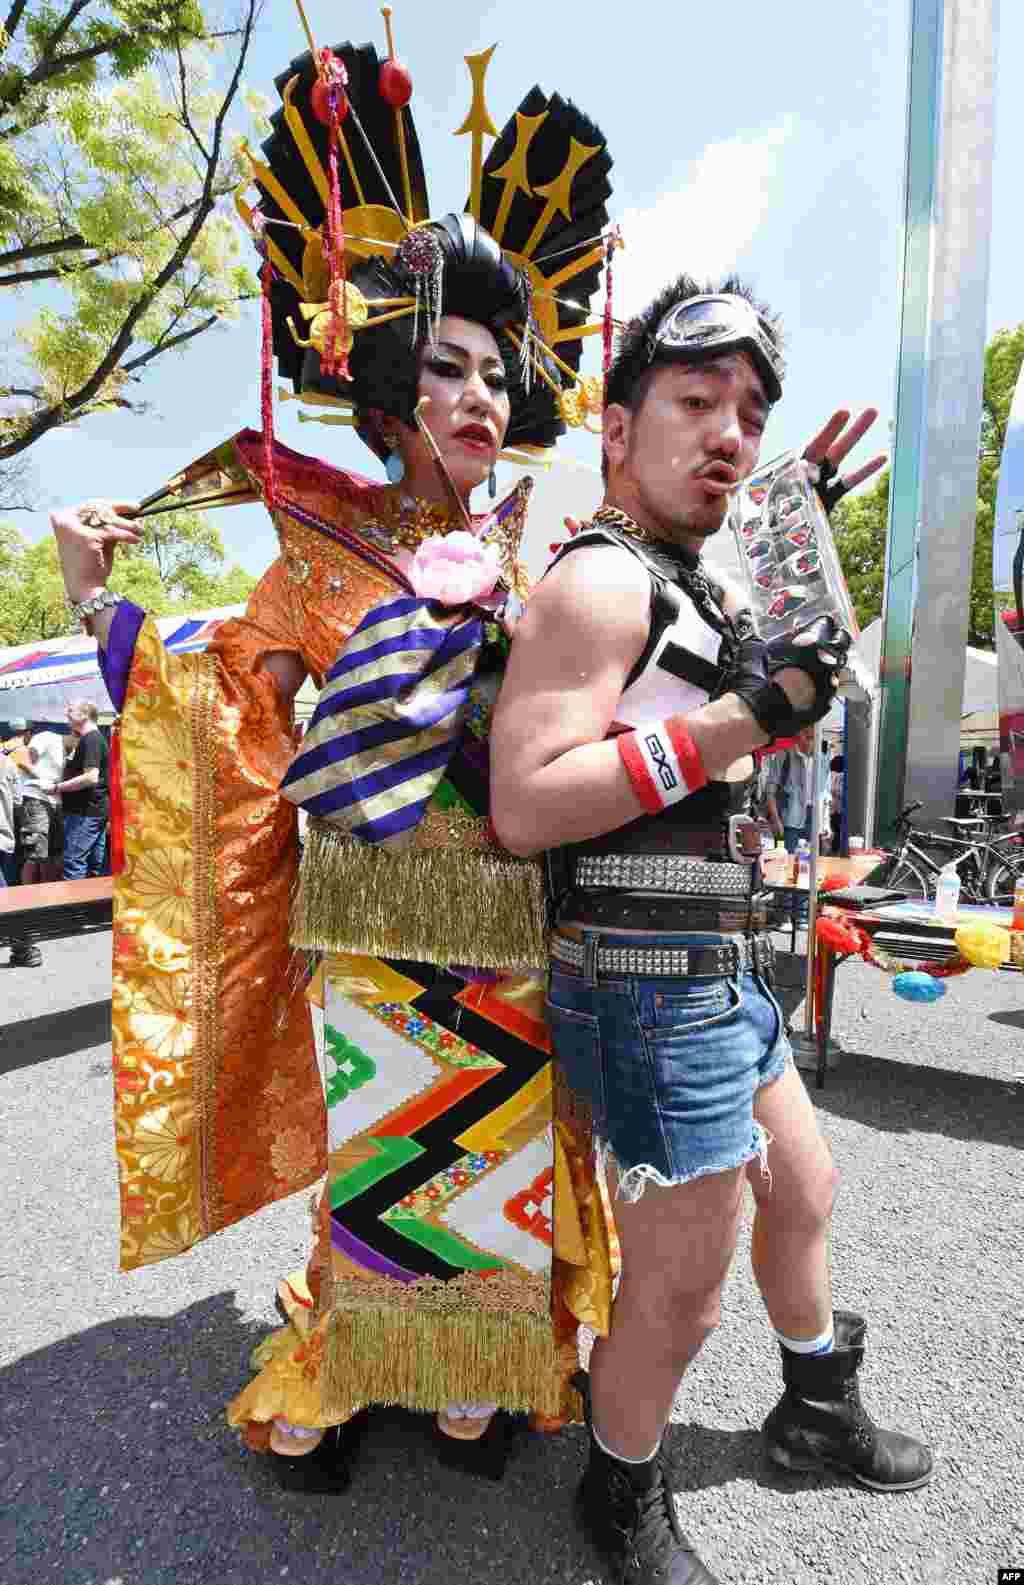 អ្នកចូលរួមក្នុងការដើរហែរក្បួន «មោទនភាពឥន្ធូទីក្រុងតូក្យូ ២០១៥ (Tokyo Rainbow Pride)» ឈរឲ្យថតរូប មុនដំណើរក្បួនចាប់ផ្តើម ក្នុងប្រទេសជប៉ុន។